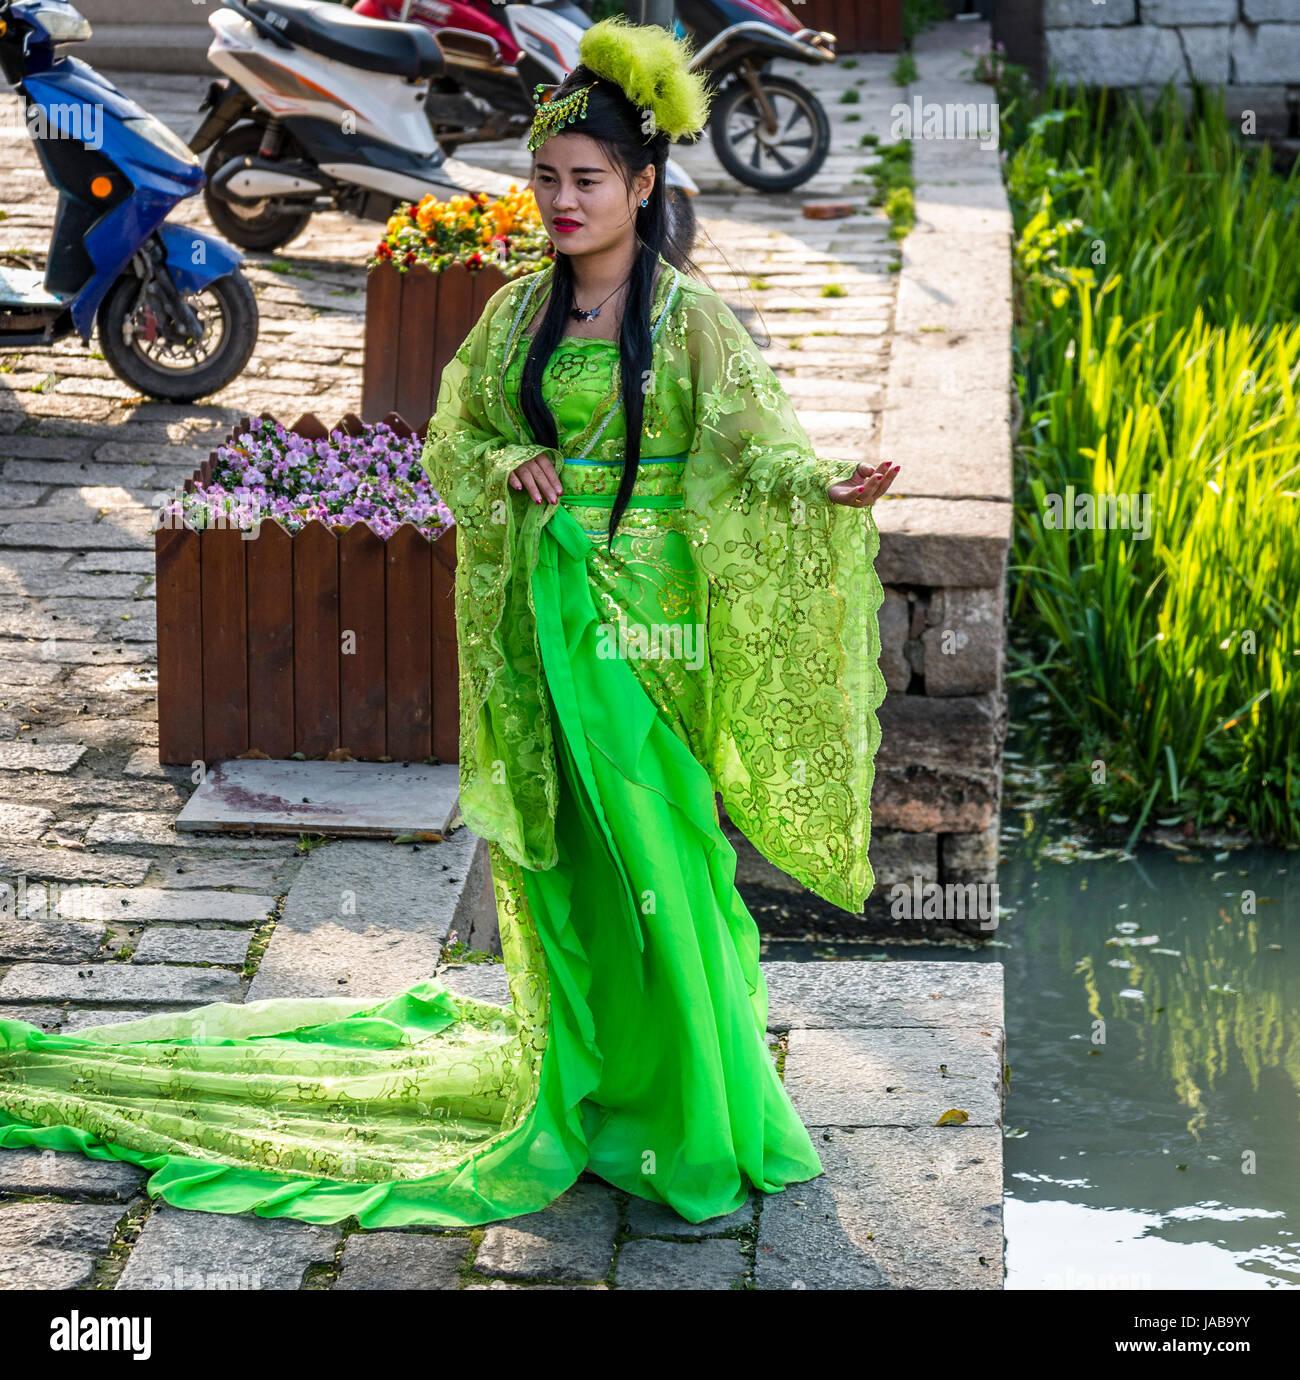 963dc3b4982d Donna vestito in abiti tradizionali in posa per un fotografo